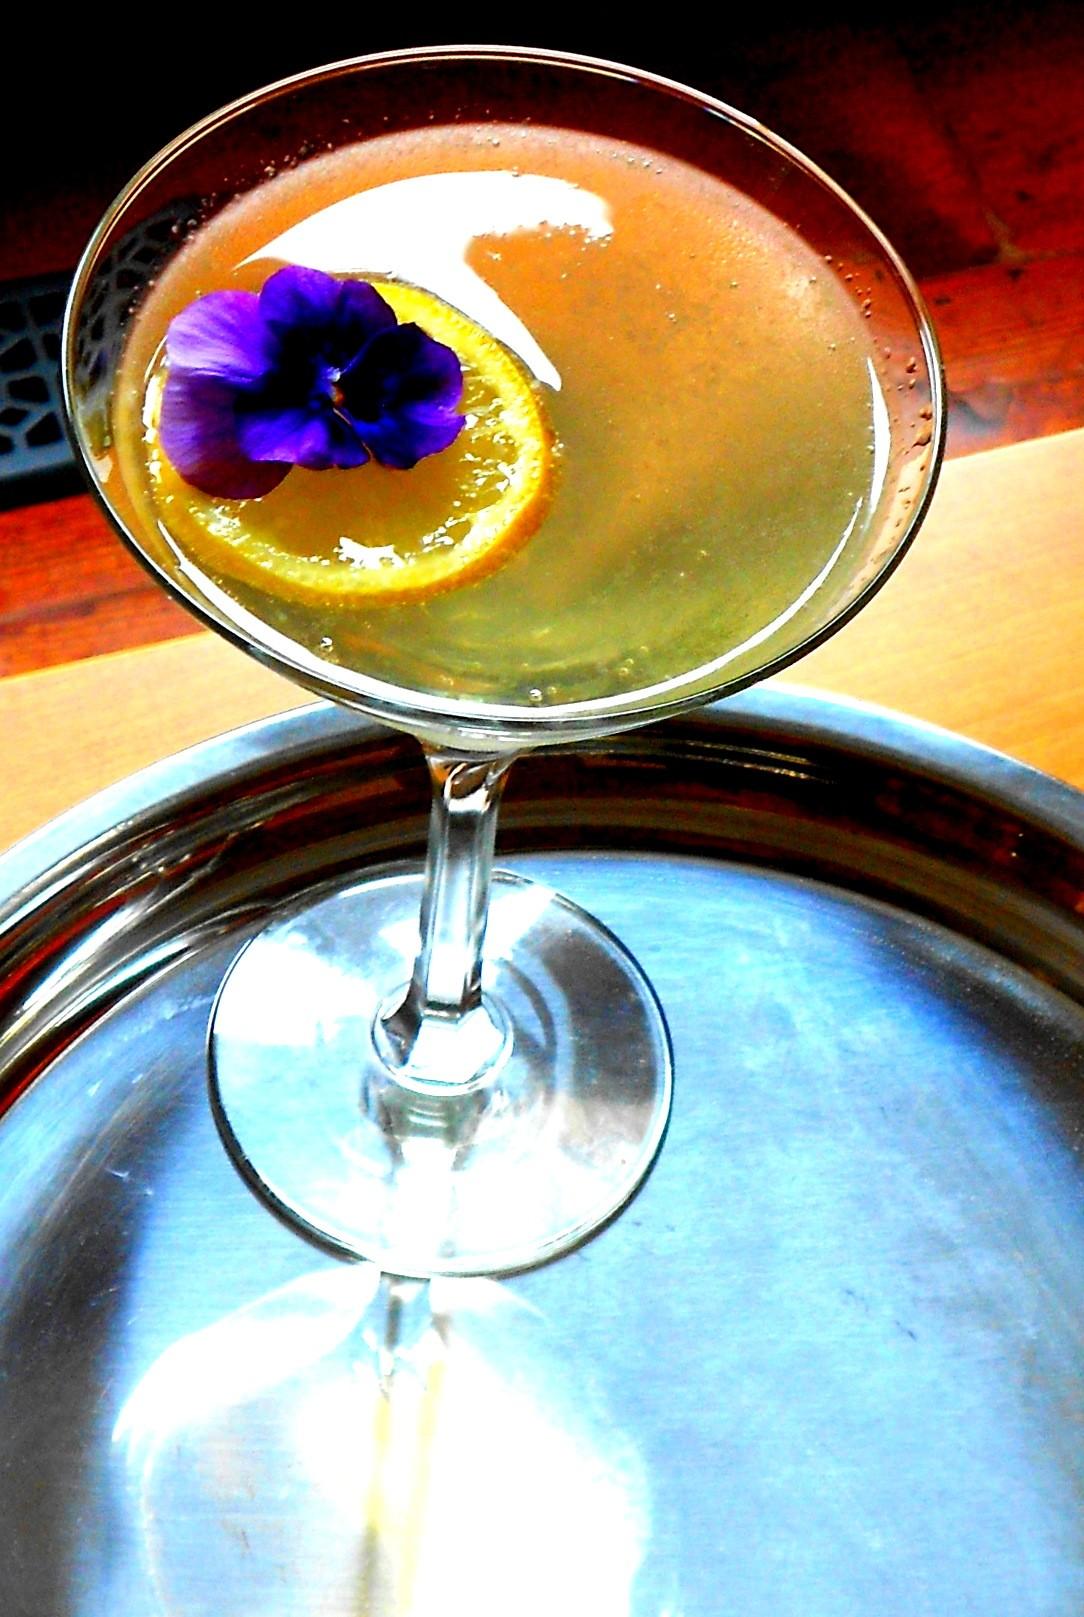 Lemon Drop with pansy garnish - PHOTO BY AMY STEWART